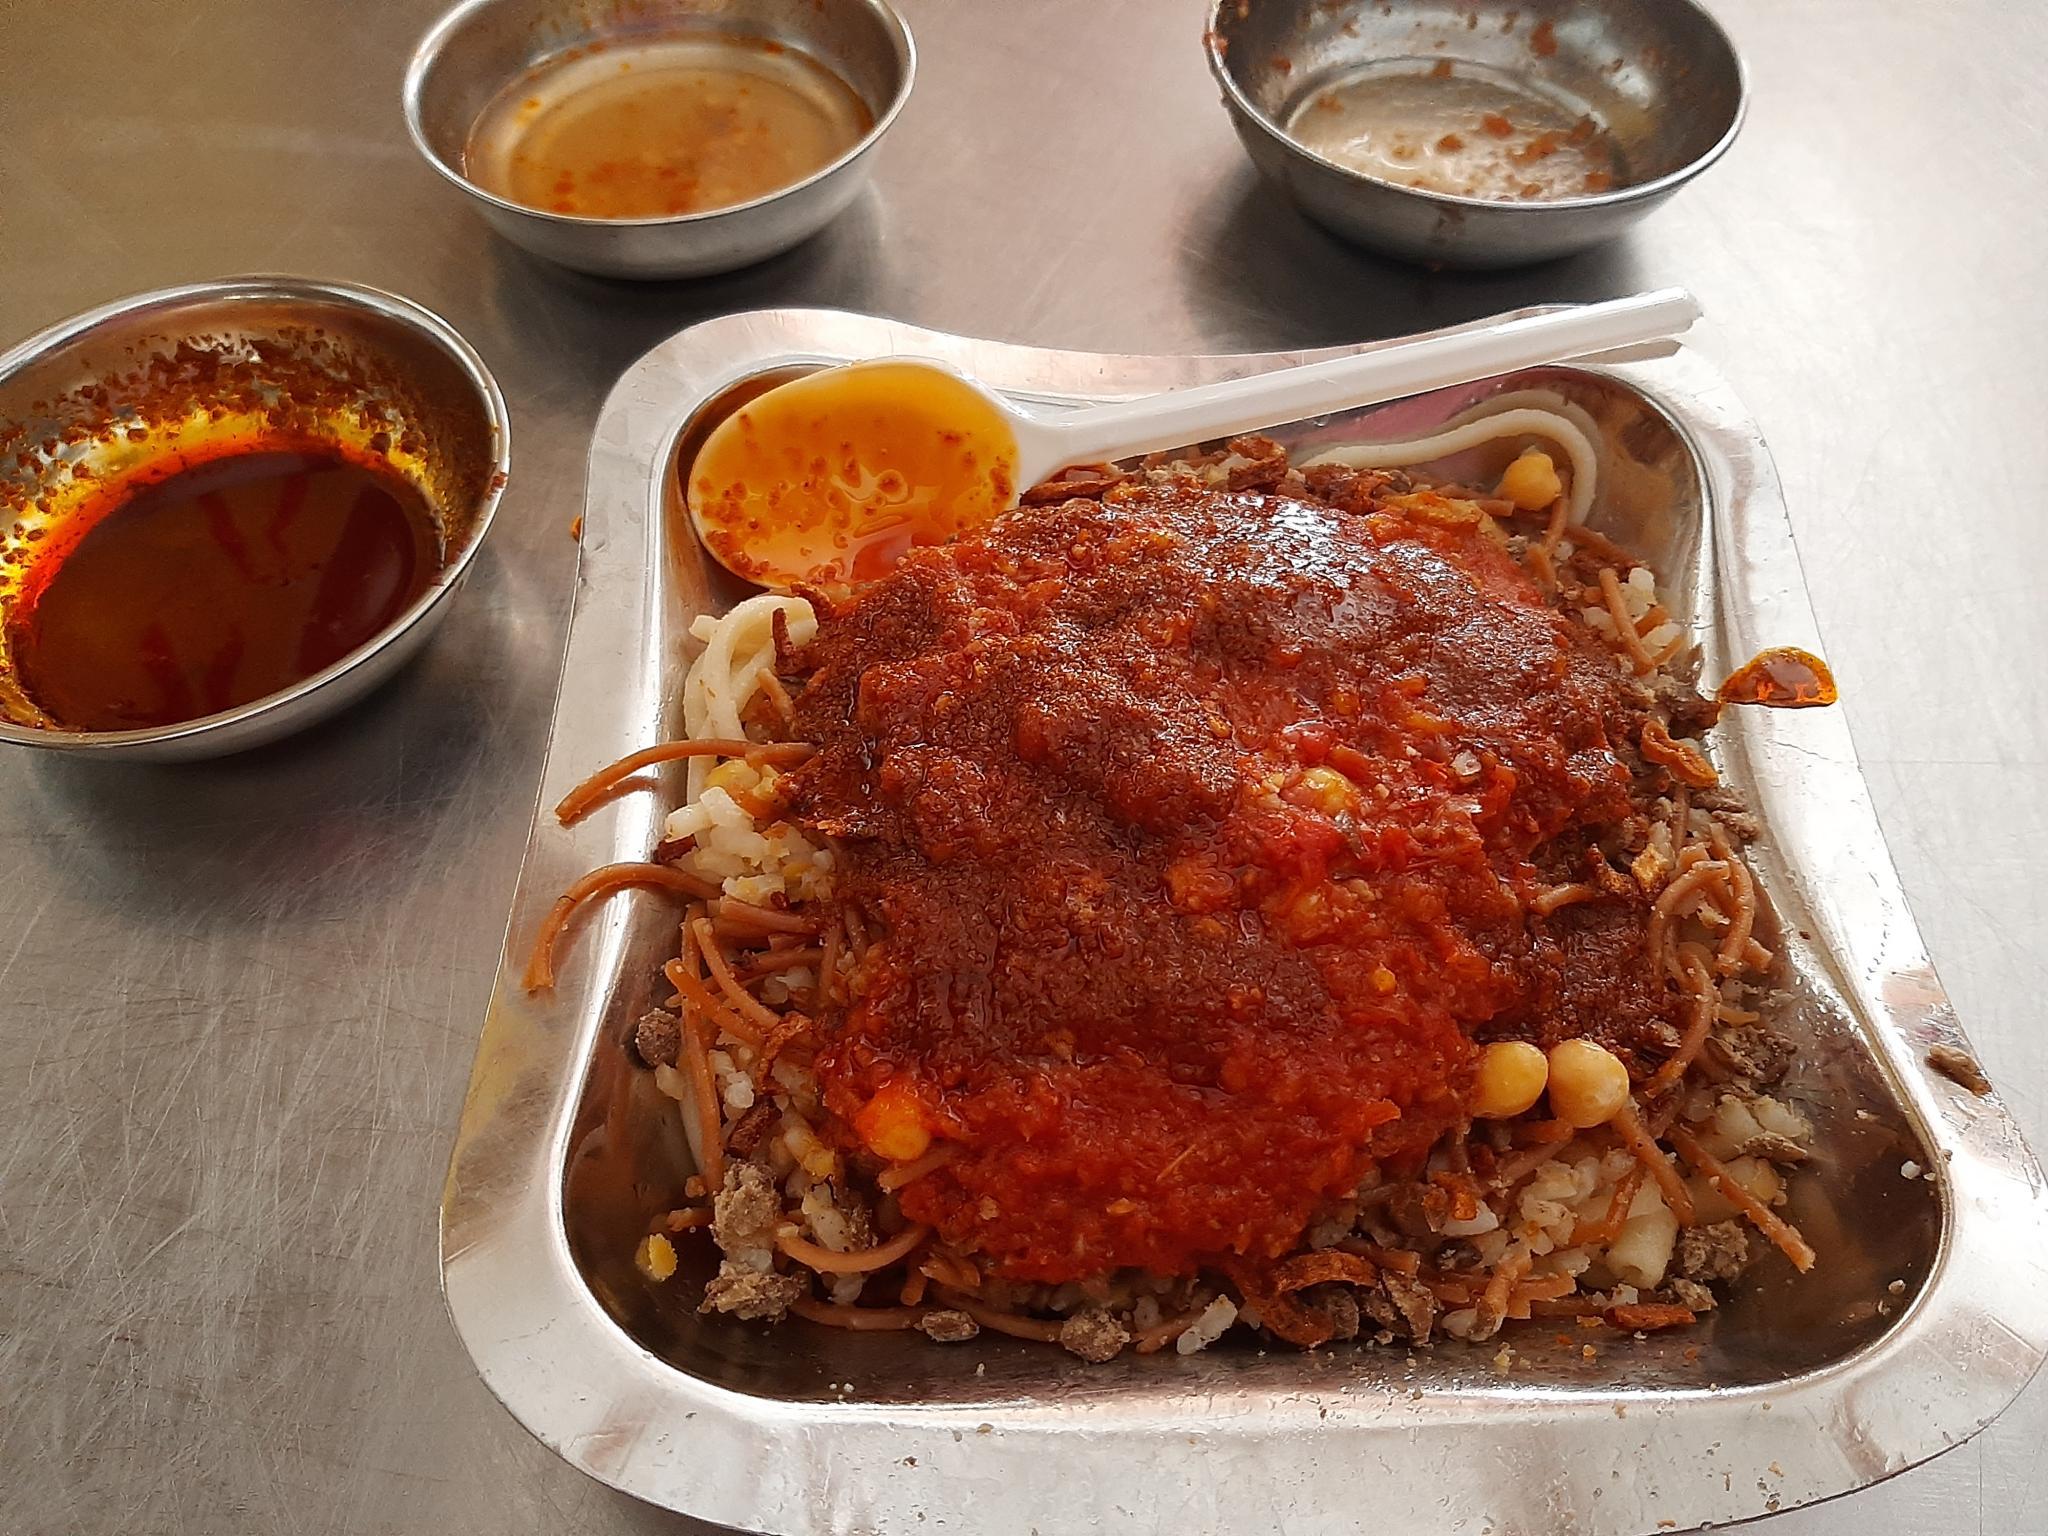 Dinner-koushary-jpg